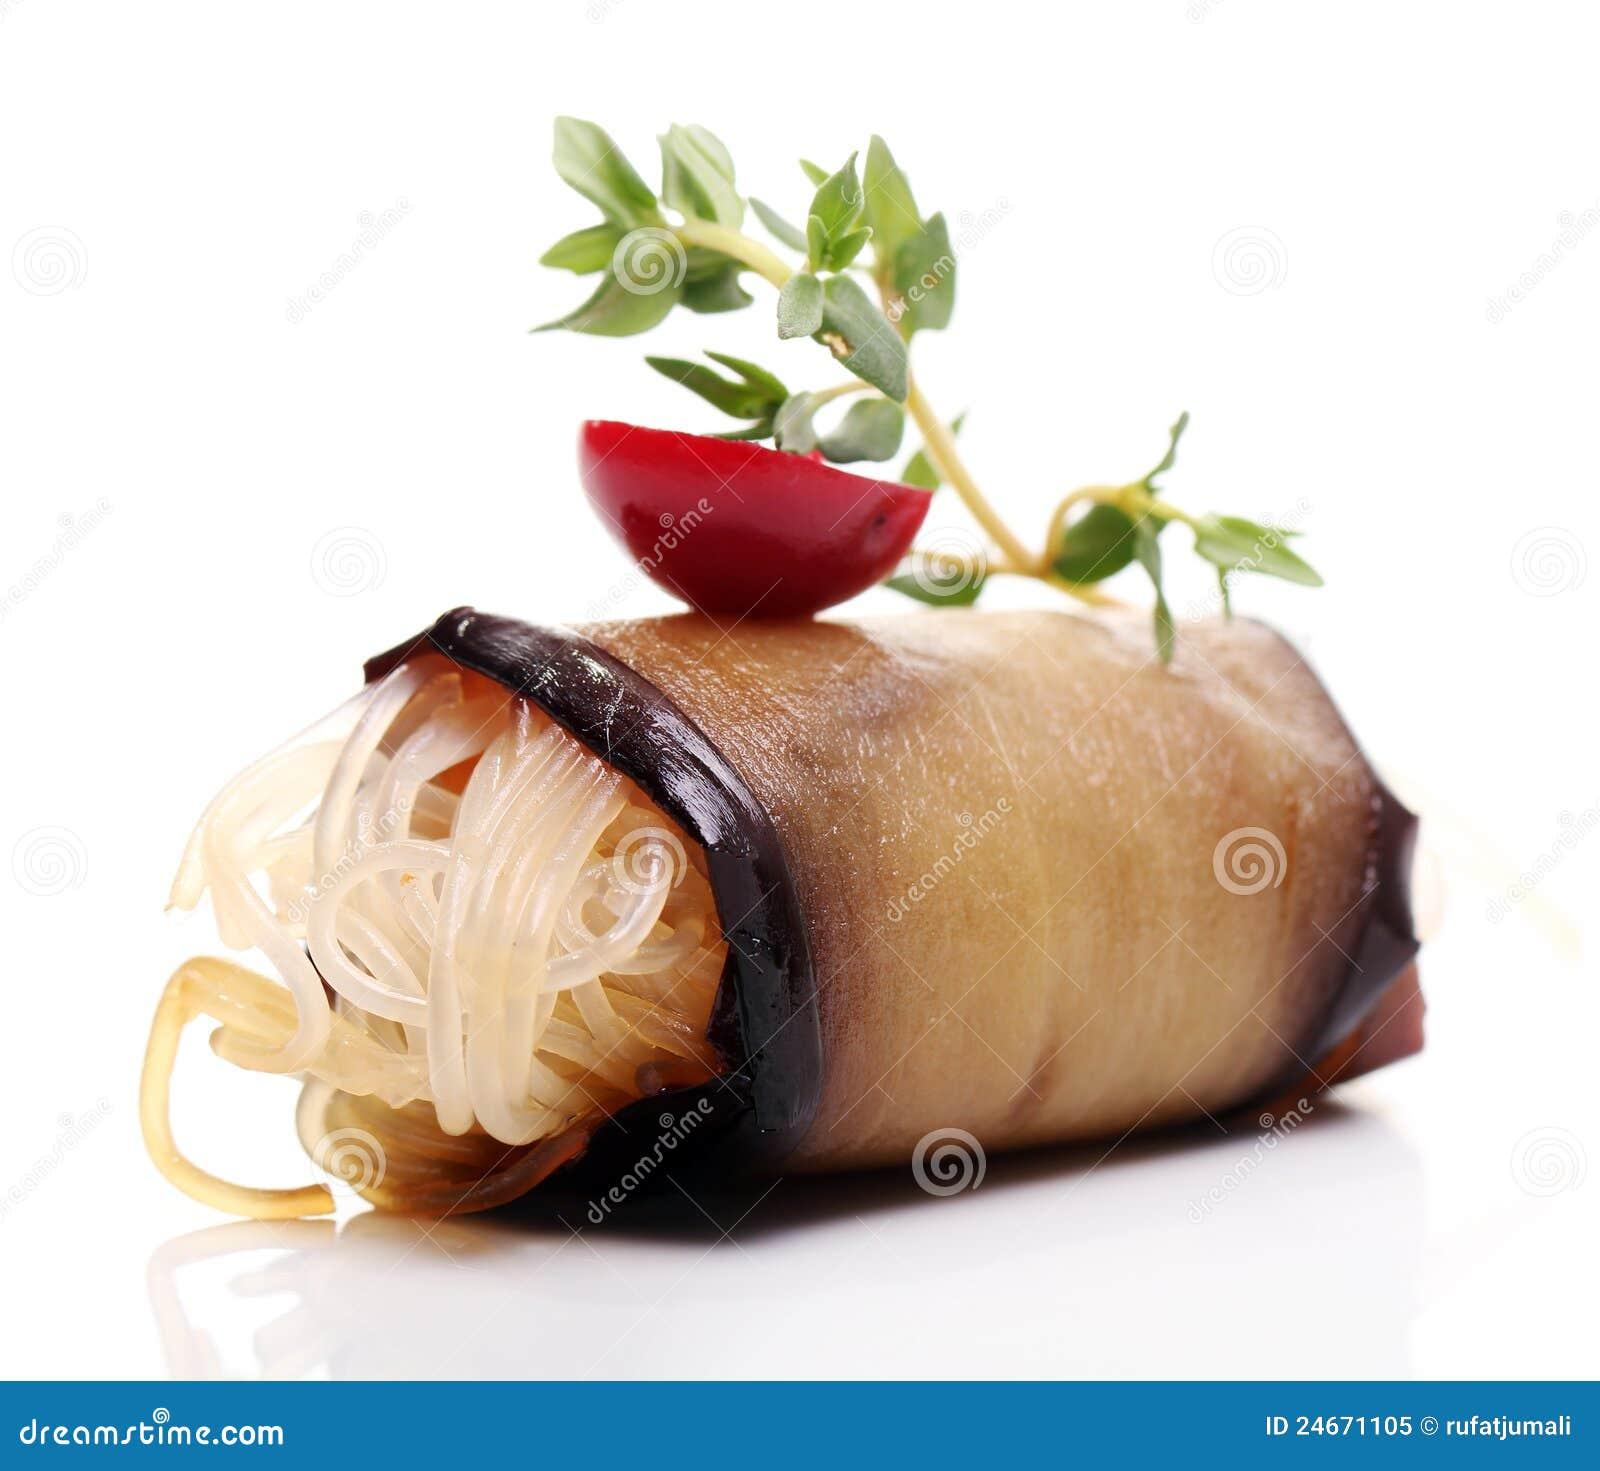 Delicious gourmet food